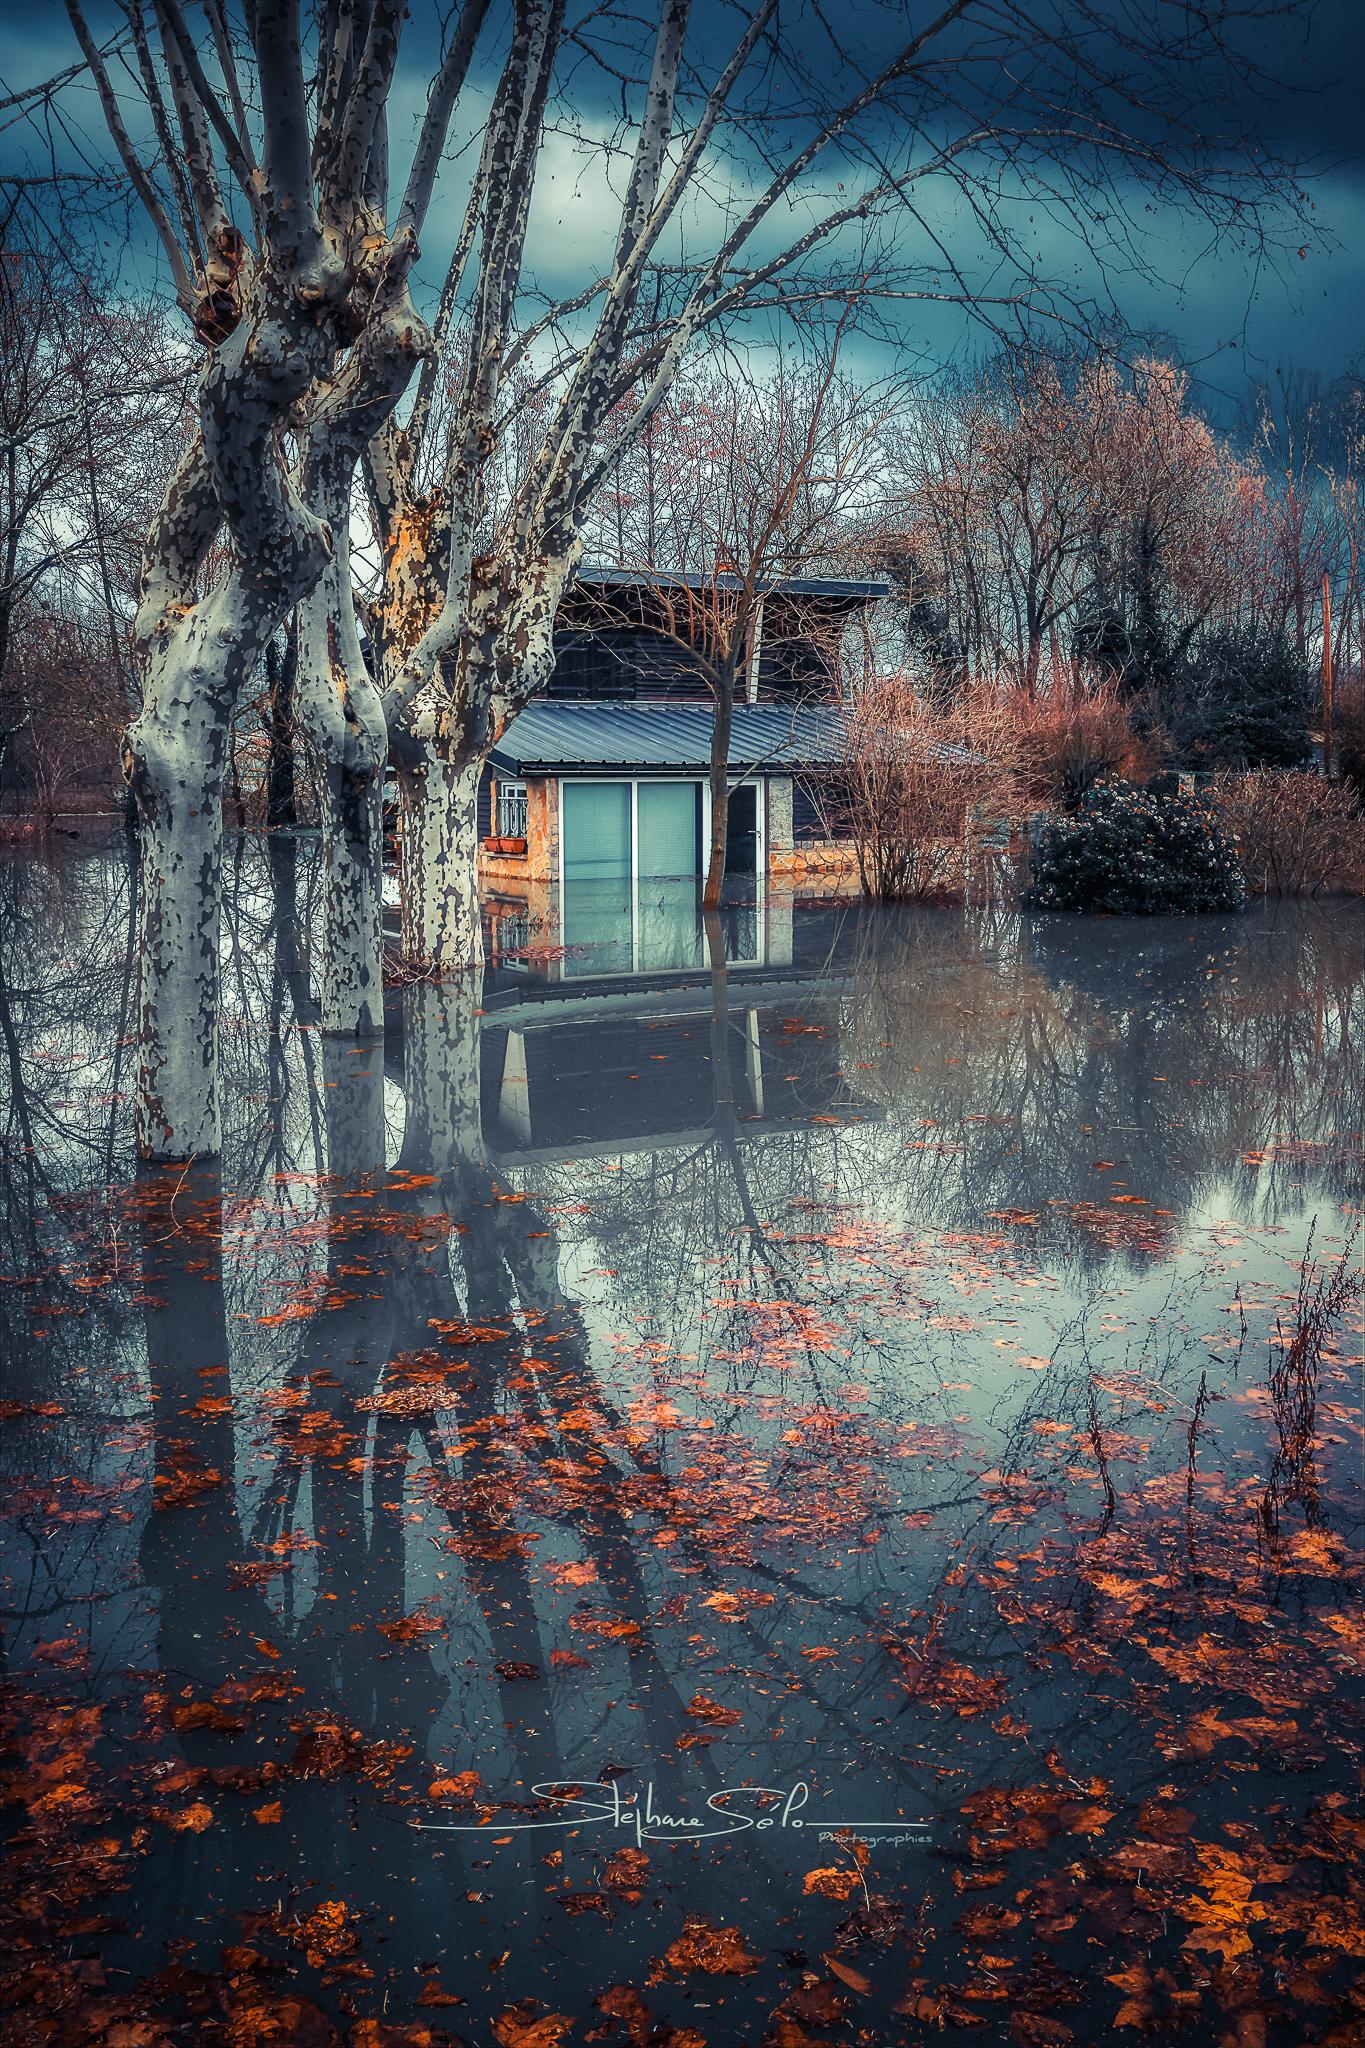 La maison dans l'eau